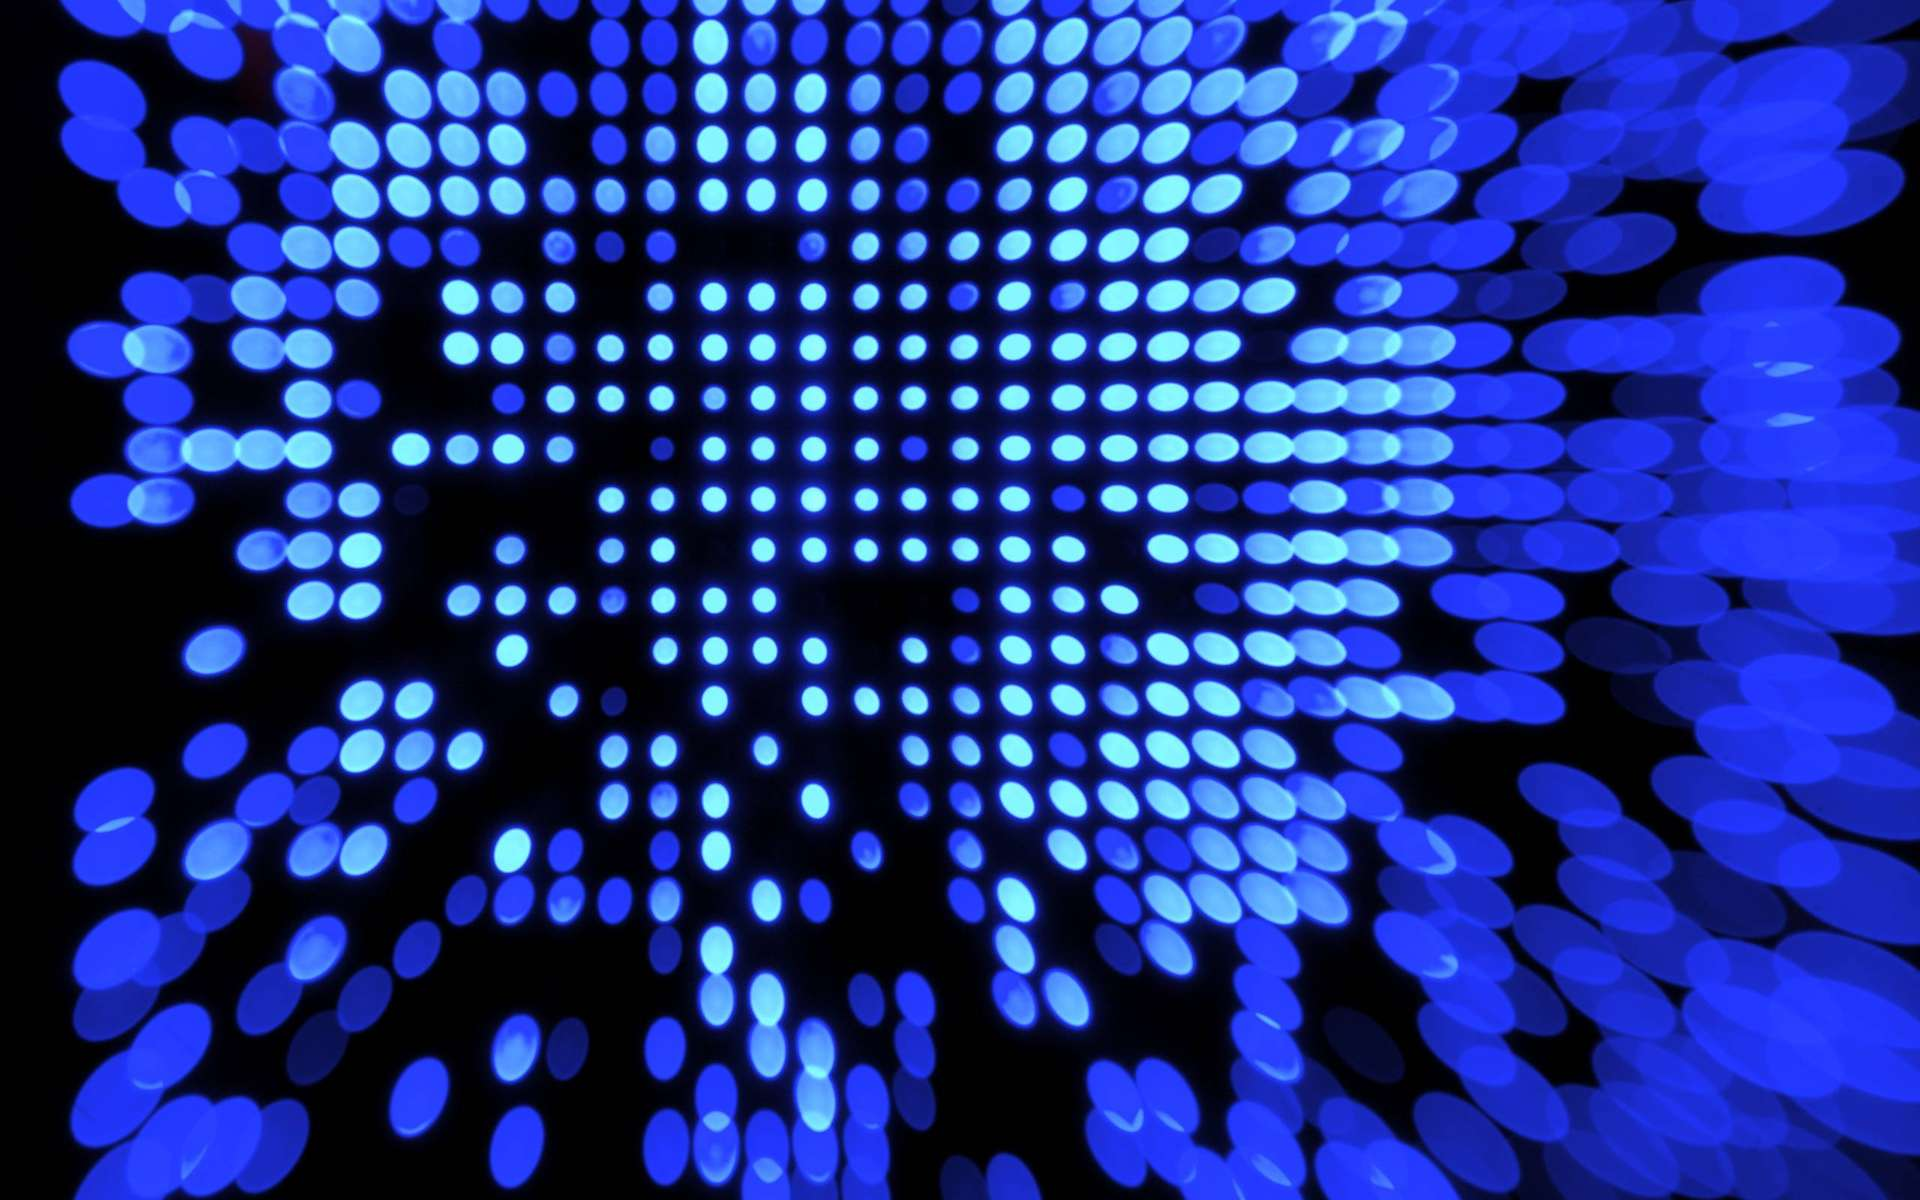 Dans cette recherche, la lumière bleue active des molécules photosensibles qui empêchent la formation des plaques amyloïdes. © Brian Talbot, Flickr, CC by-nc 2.0